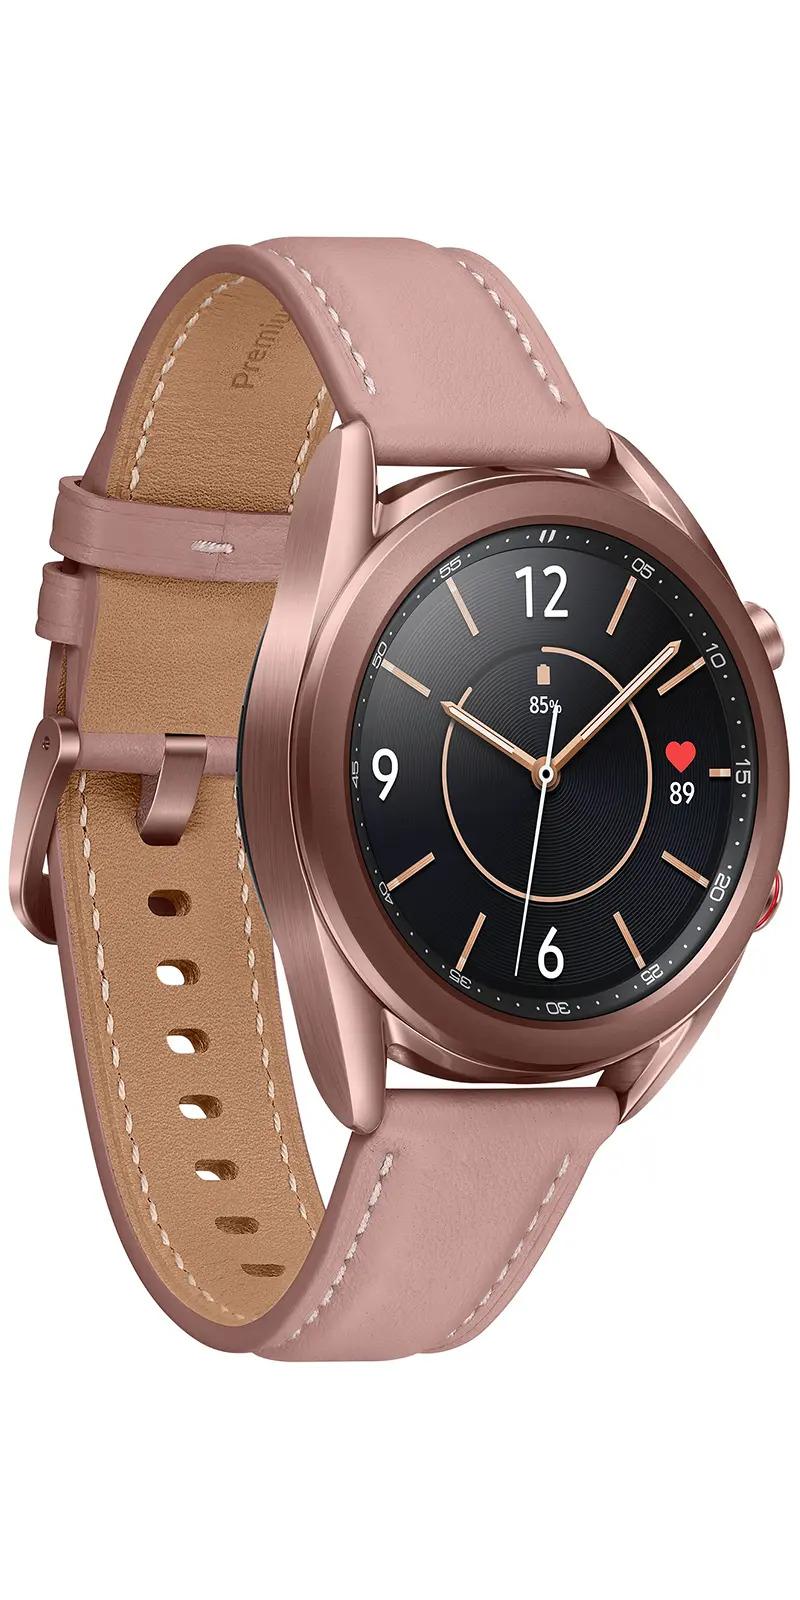 Samsung Galaxy Watch 3 41mm LTE Mystic Bronze